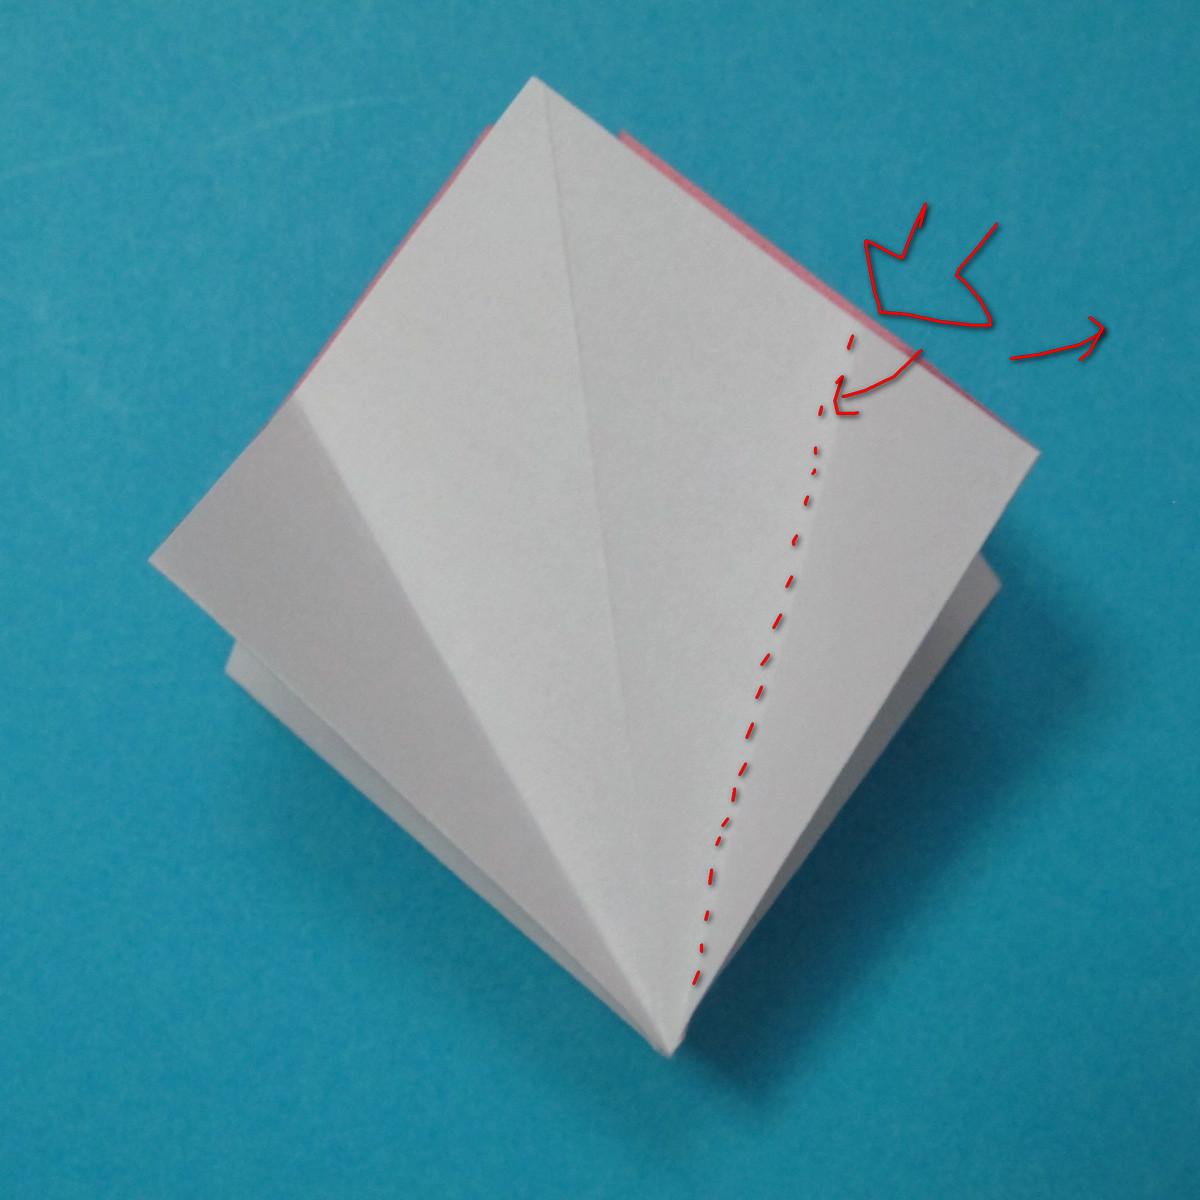 วิธีการพับกระดาษเป็นดอกไม้แปดกลีบ 008